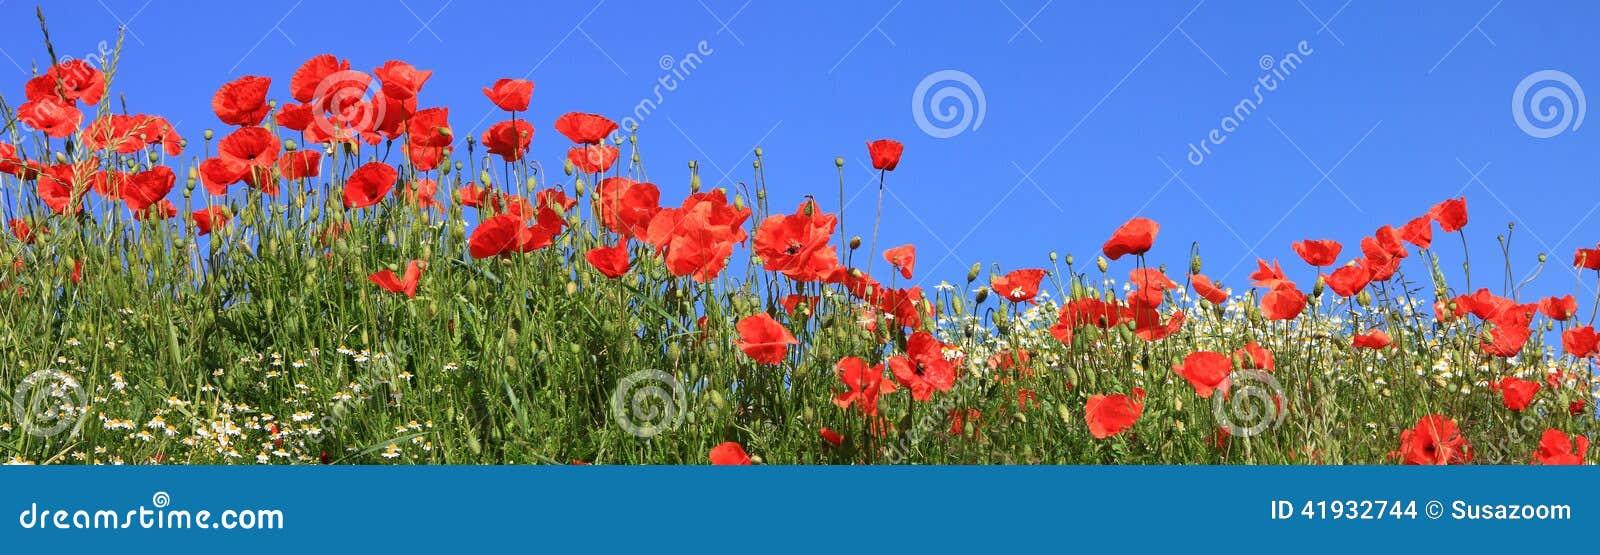 Röda vallmo och full blom för prästkragar, panorama- format